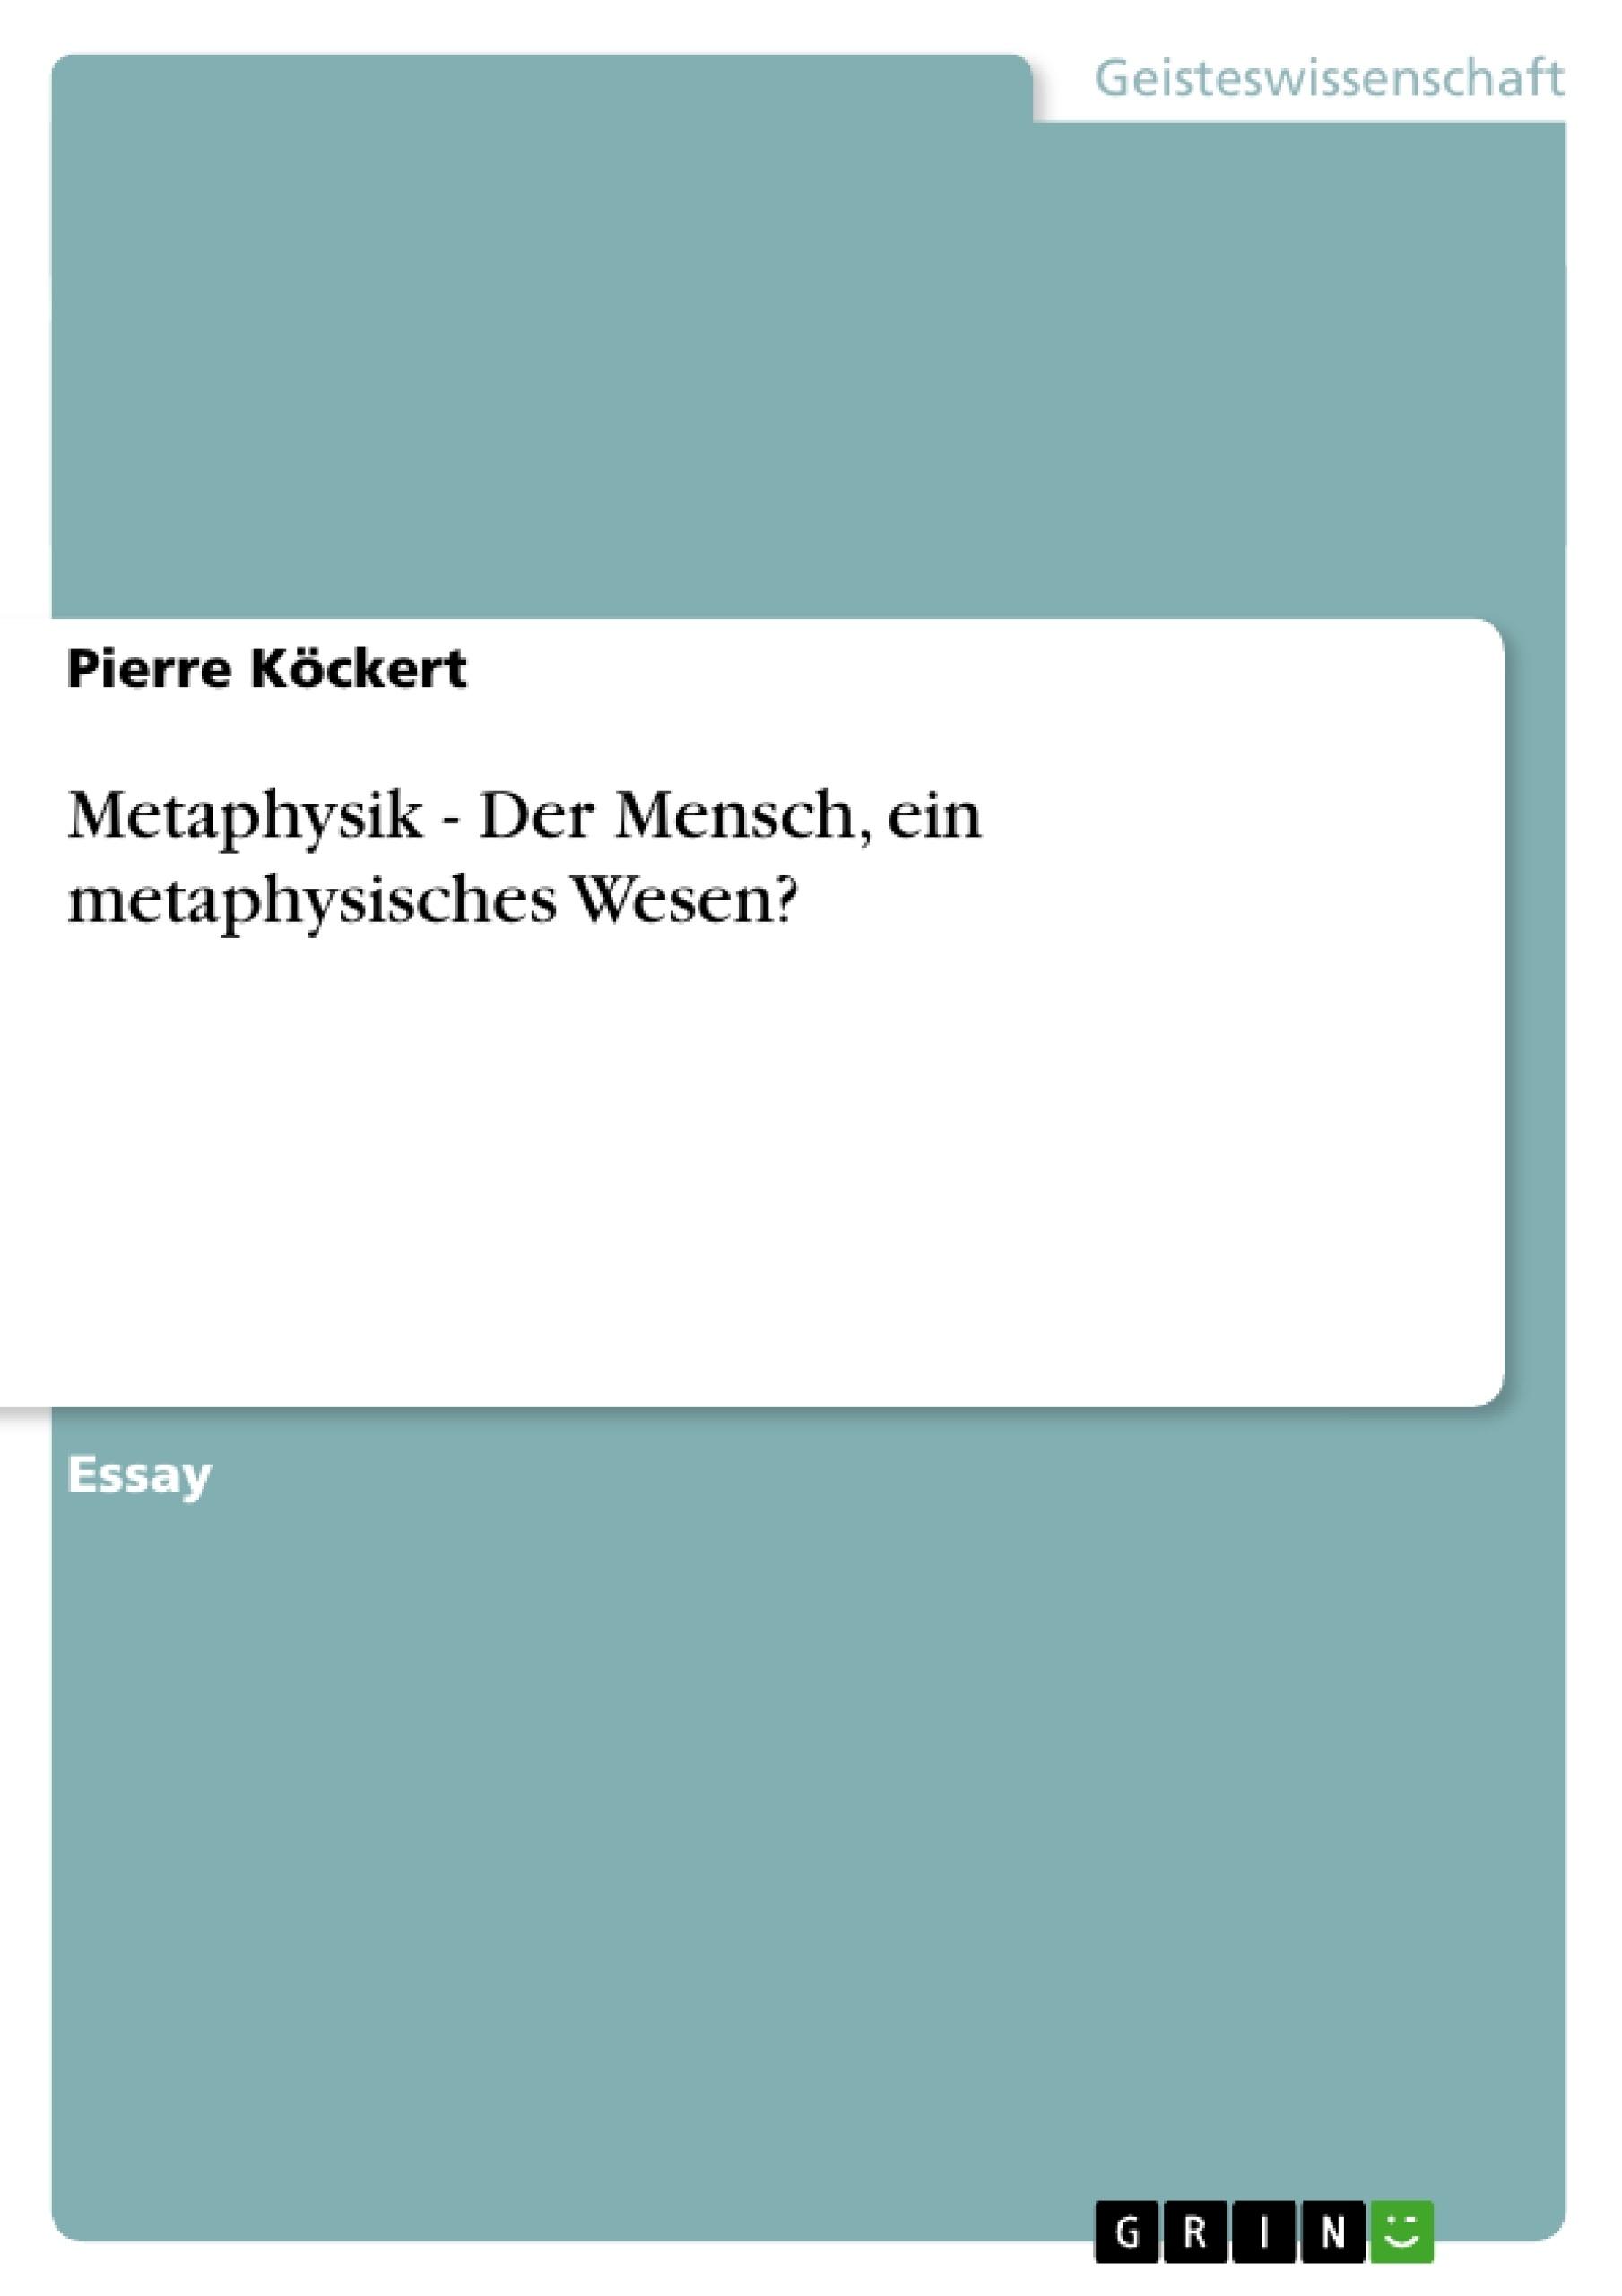 Titel: Metaphysik - Der Mensch, ein metaphysisches Wesen?